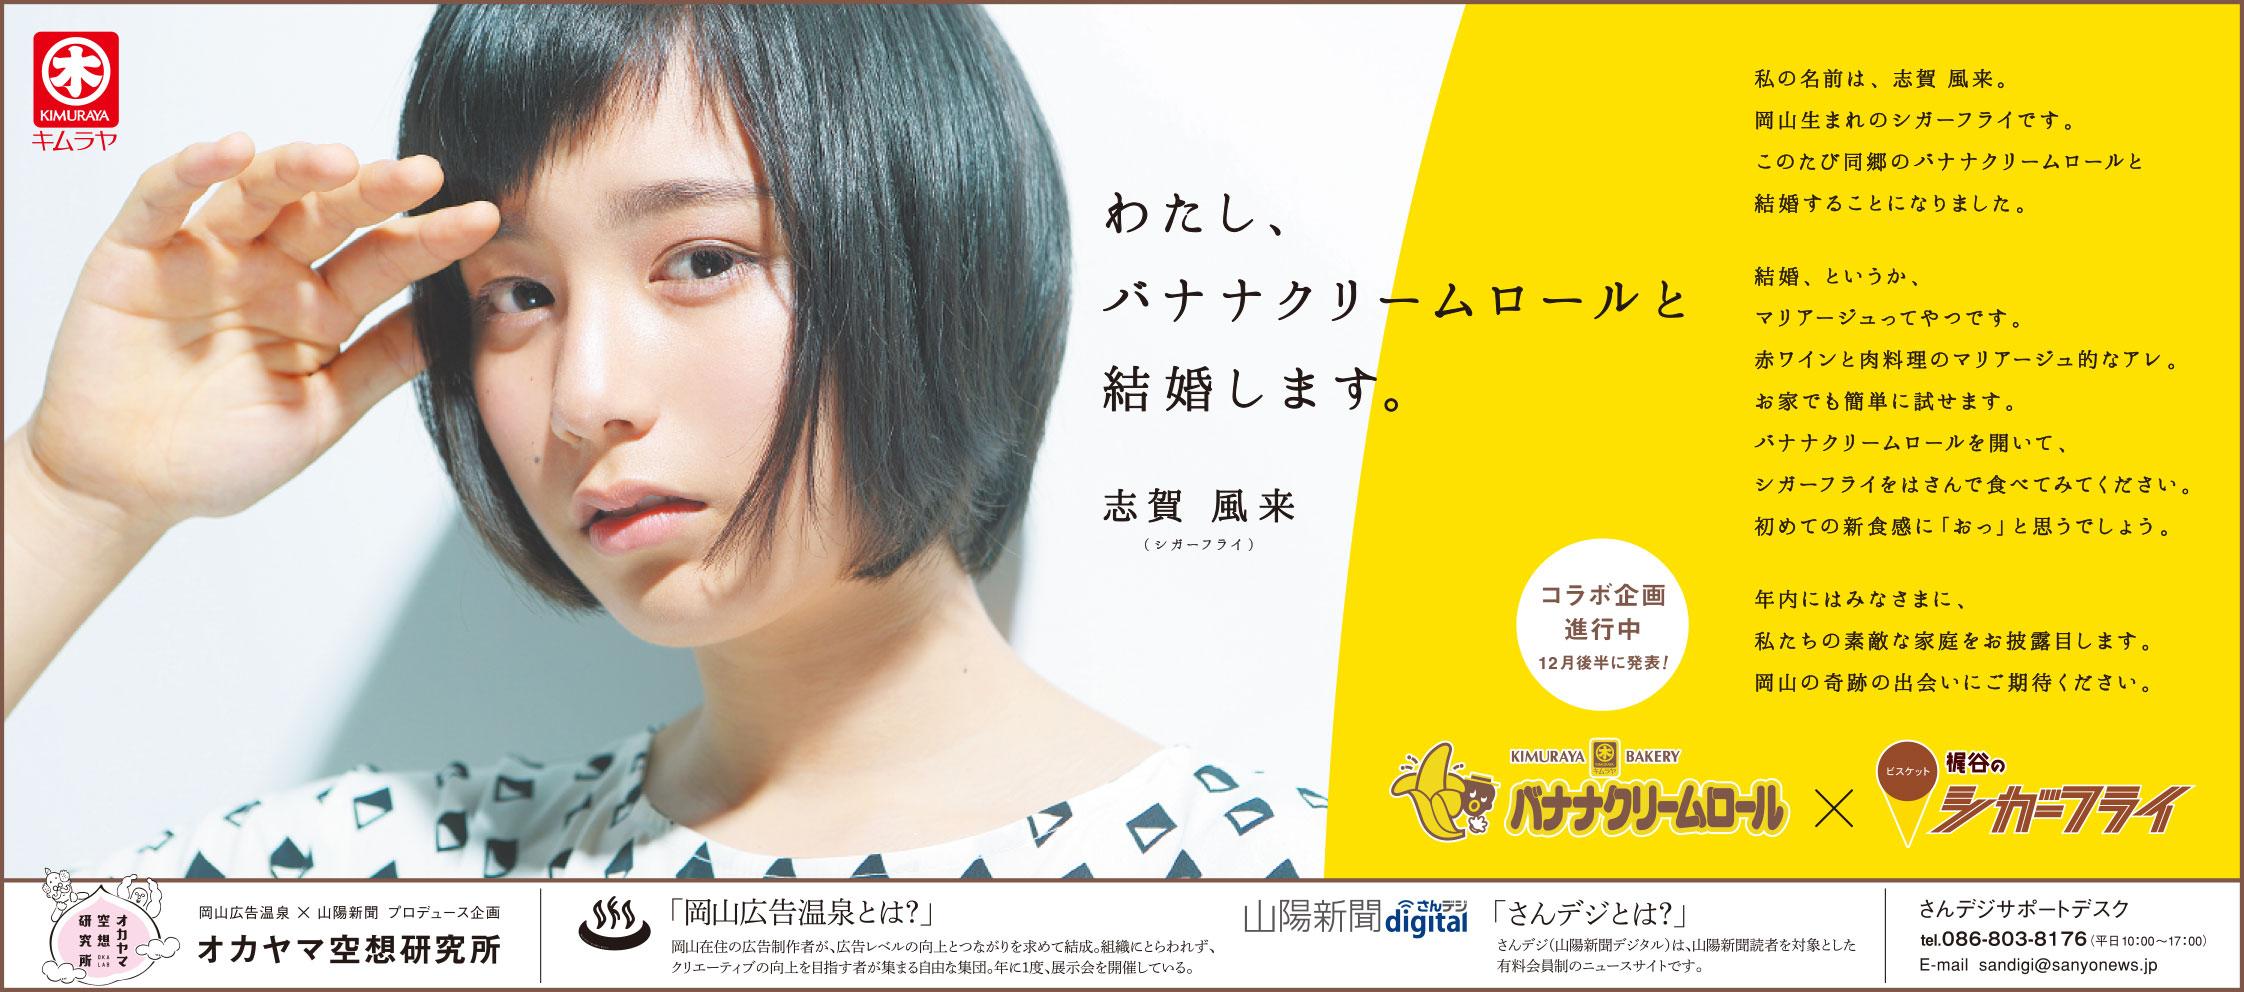 「バナシガ」新聞広告シリーズ